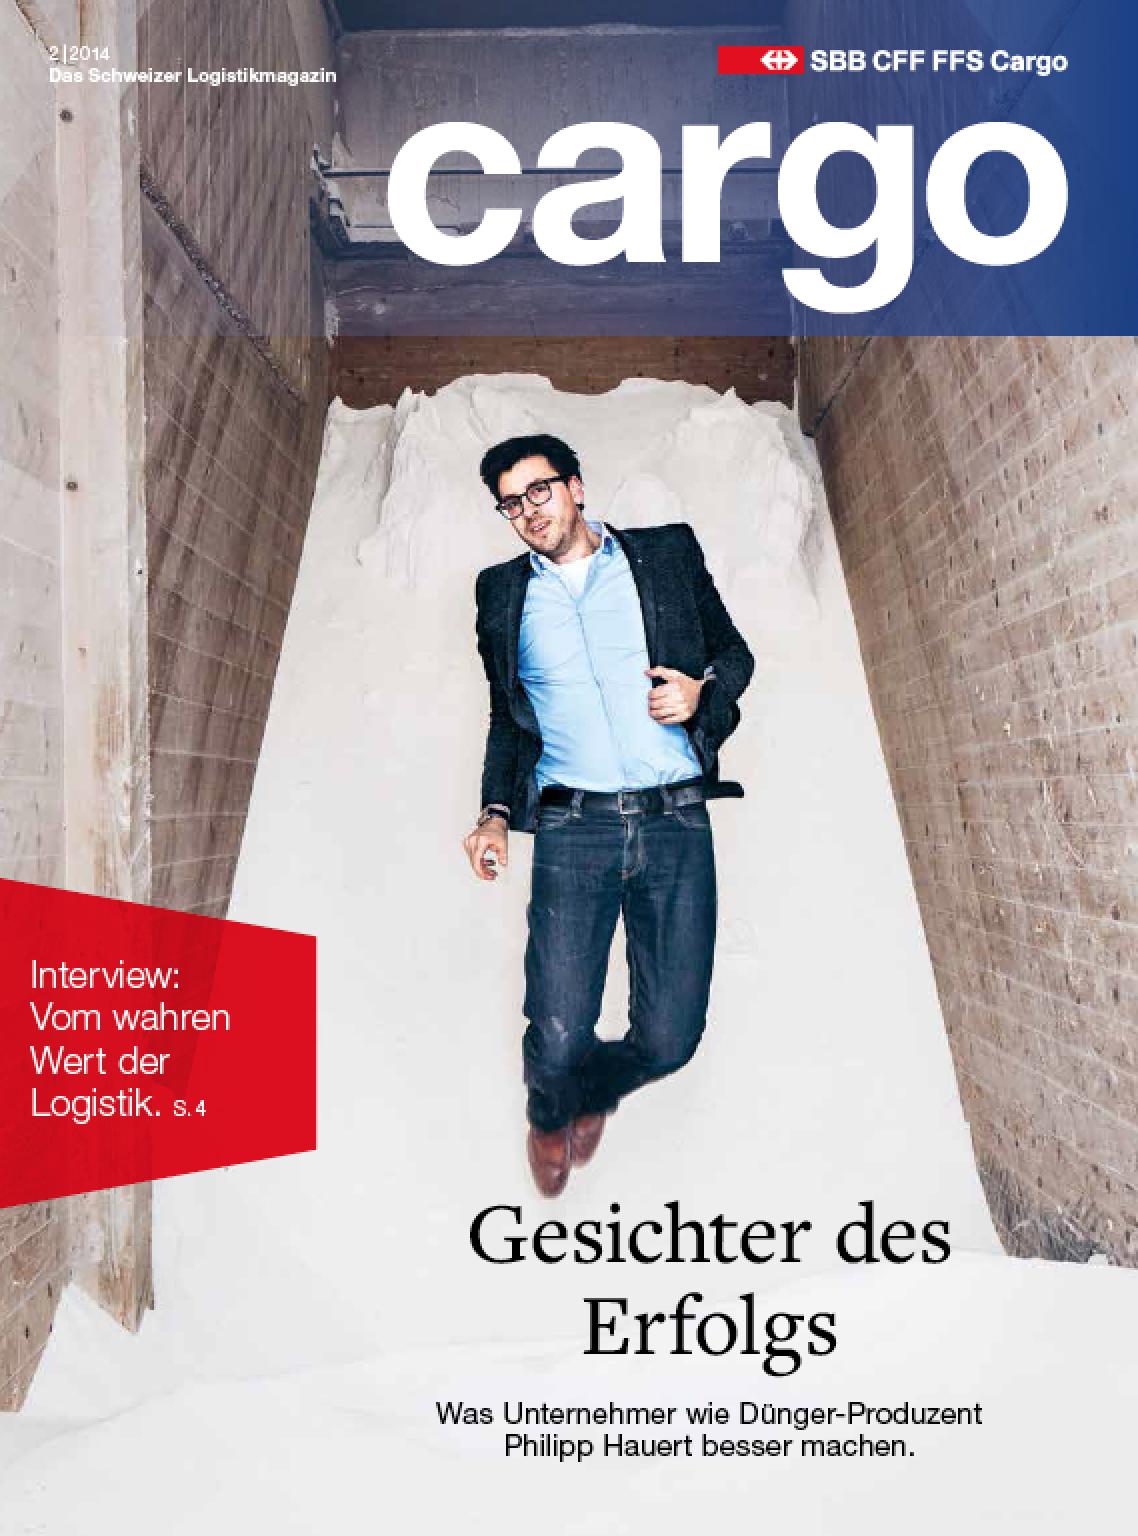 Titelbild SBB Cargo Magazin 2/2014